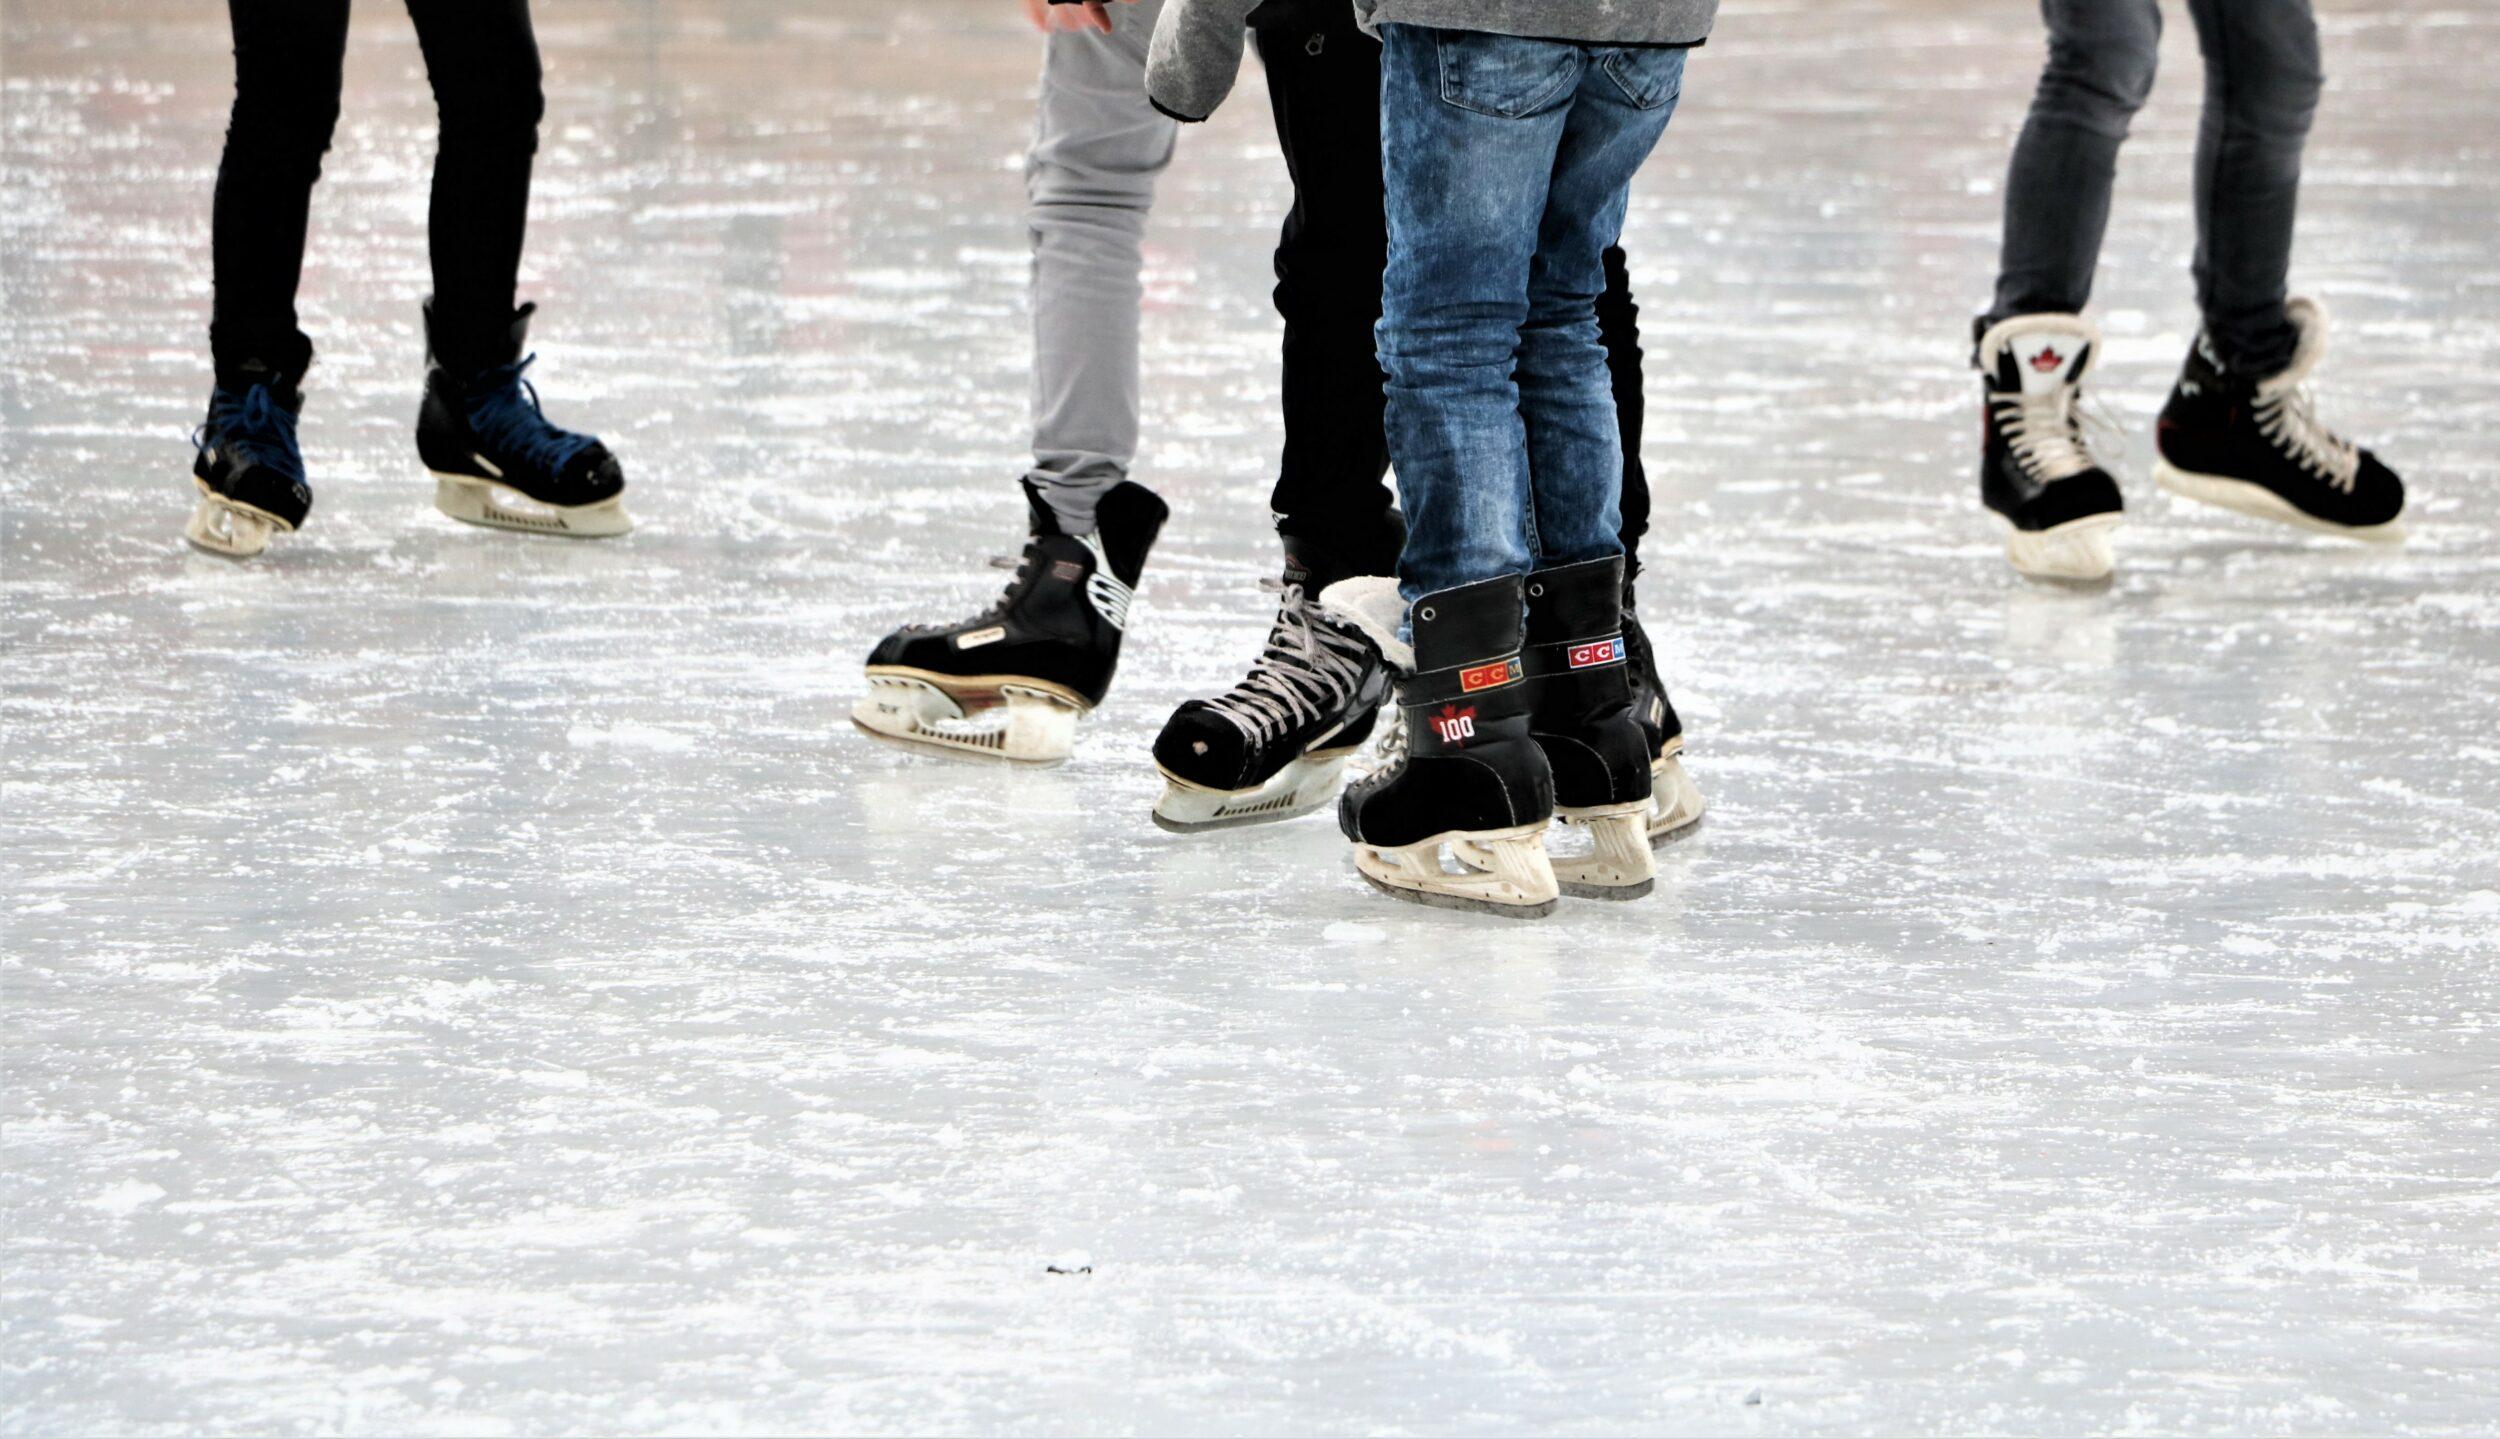 De første skilte er oppe - se, hvor du sikkert og lovligt kan gå ud på isen